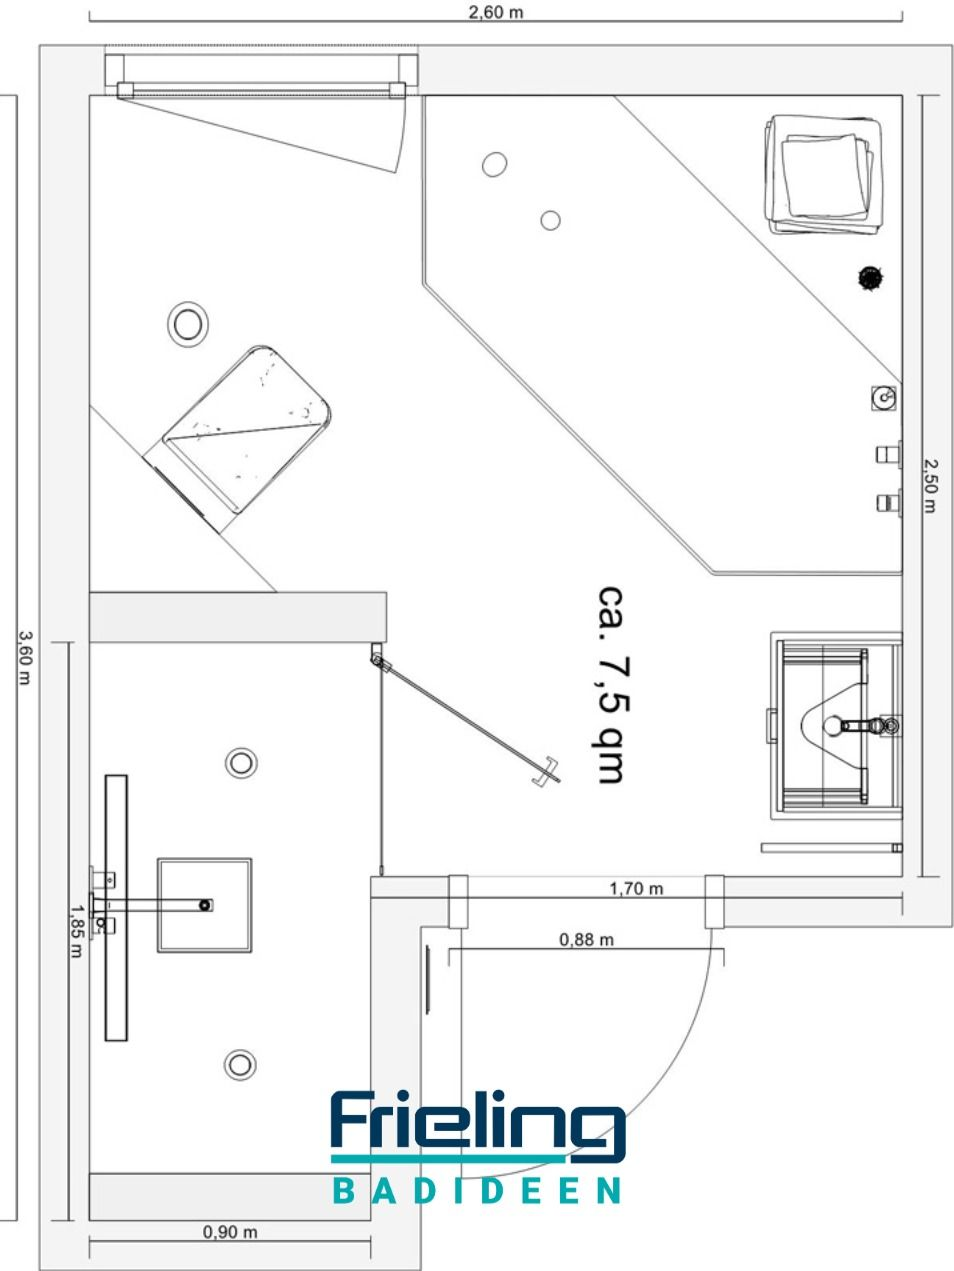 Das Bad In L Form Grundriss Grosse Dusche Badezimmer Grundriss Pendeltur